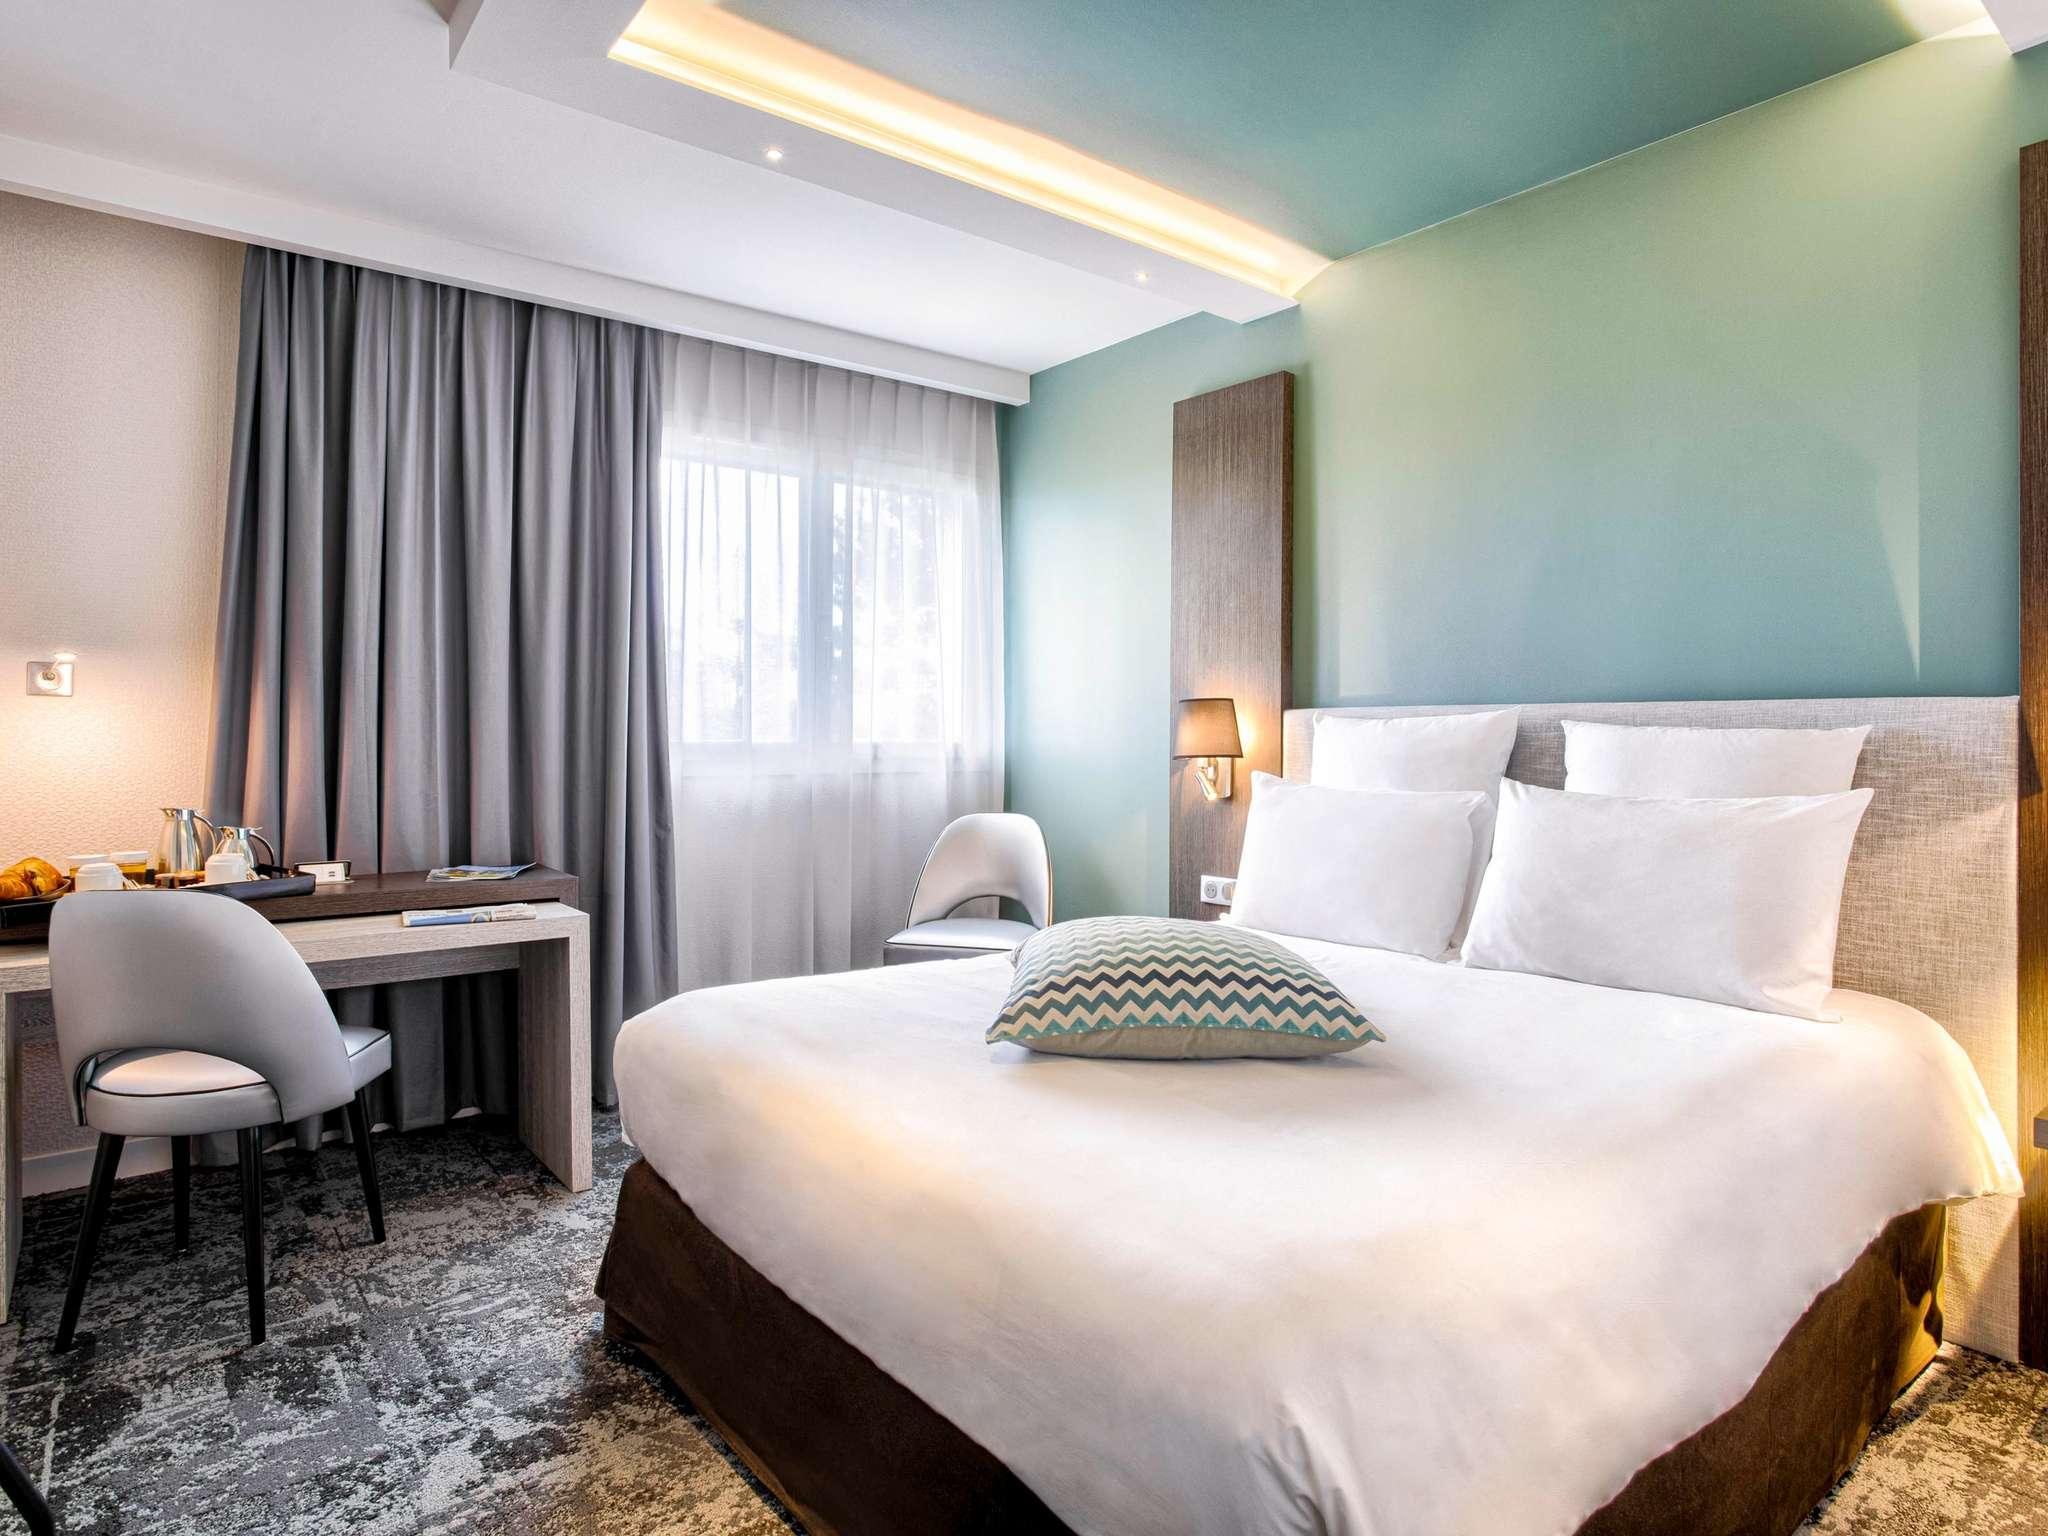 Hotel – Hotel Mercure Cabourg Hippodrome